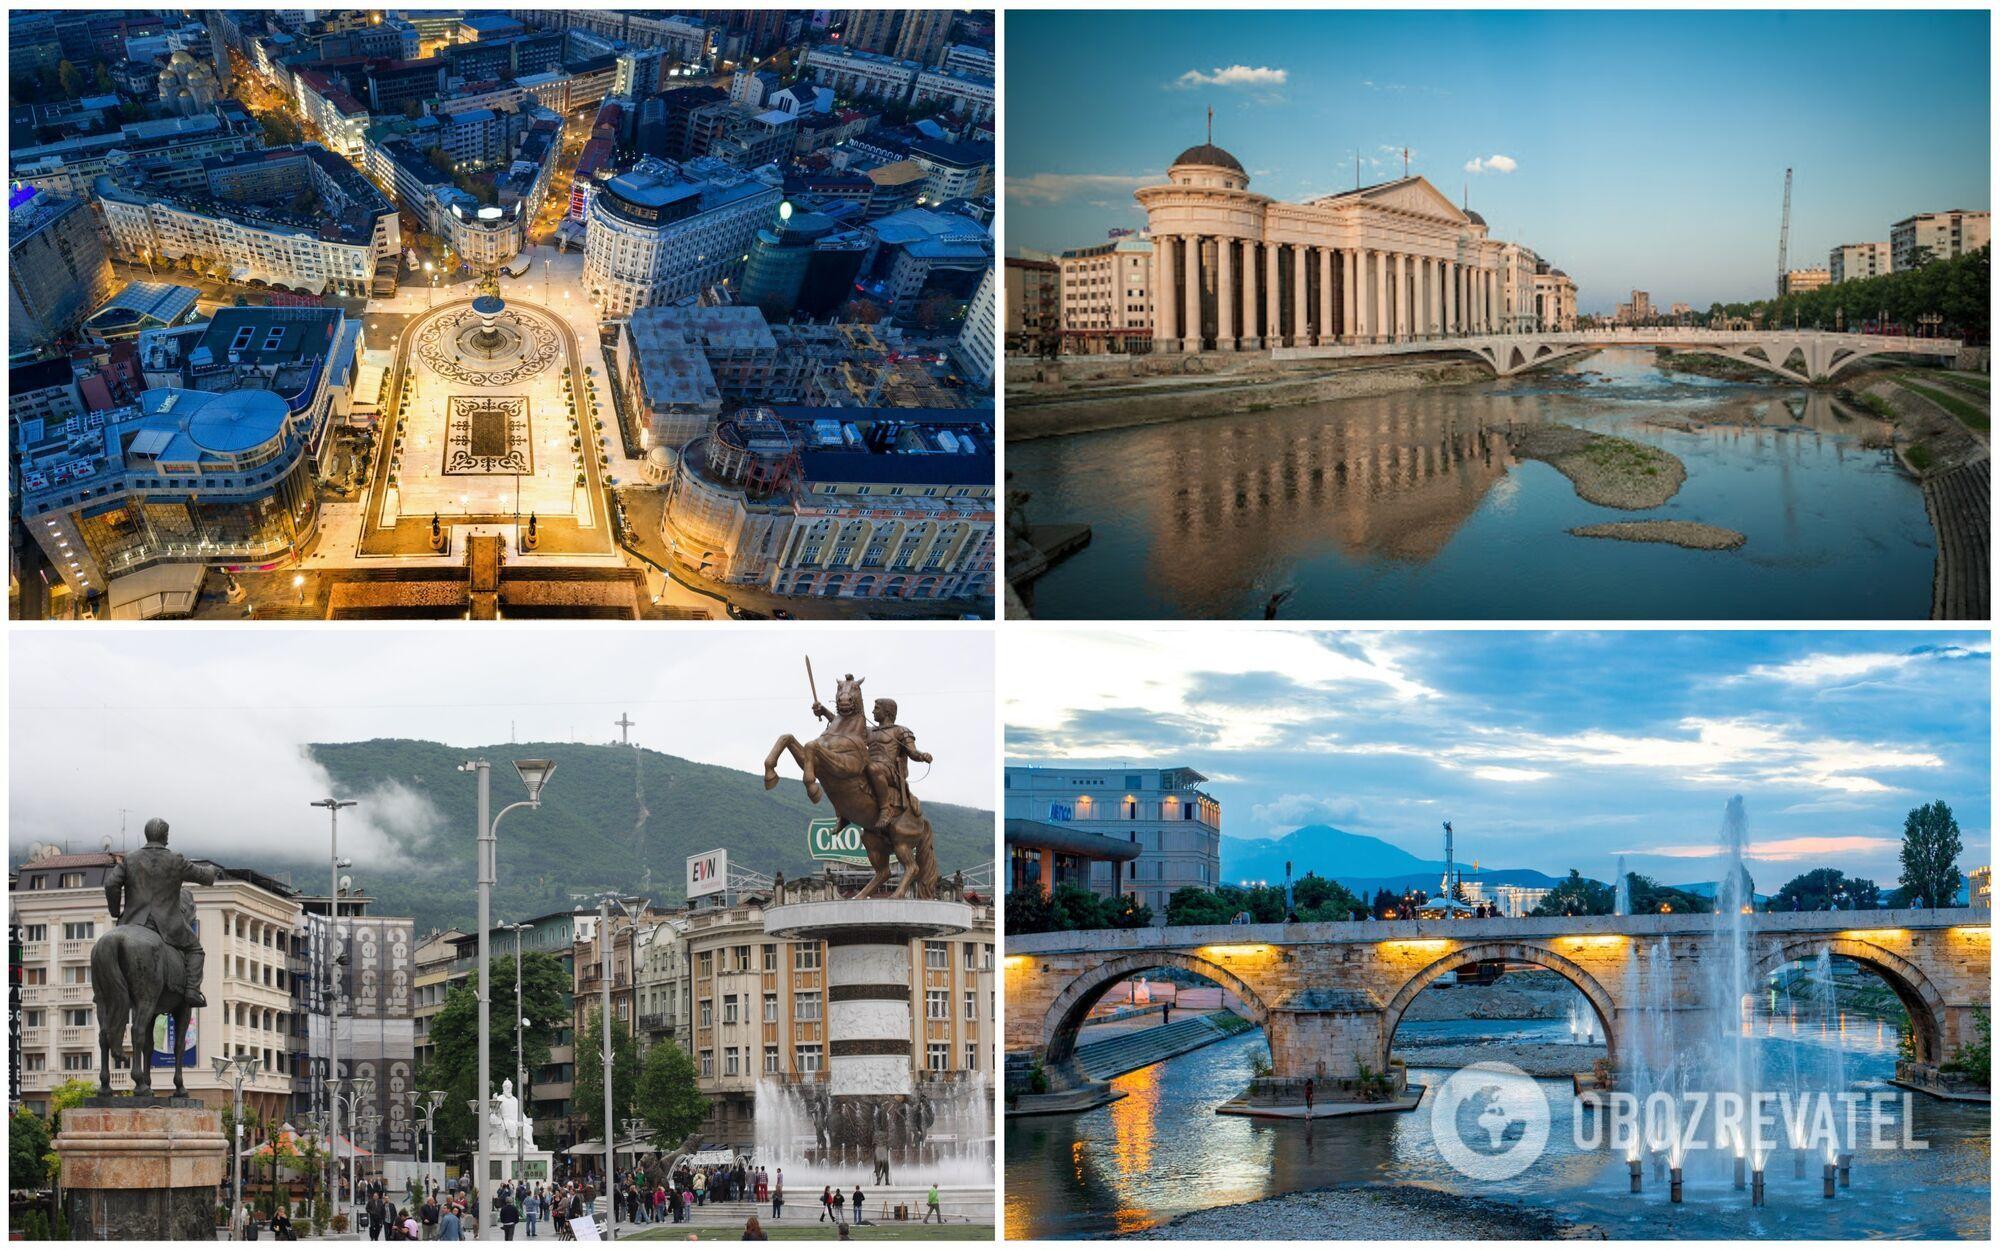 Архитектура Скопье очень яркая и разнообразная